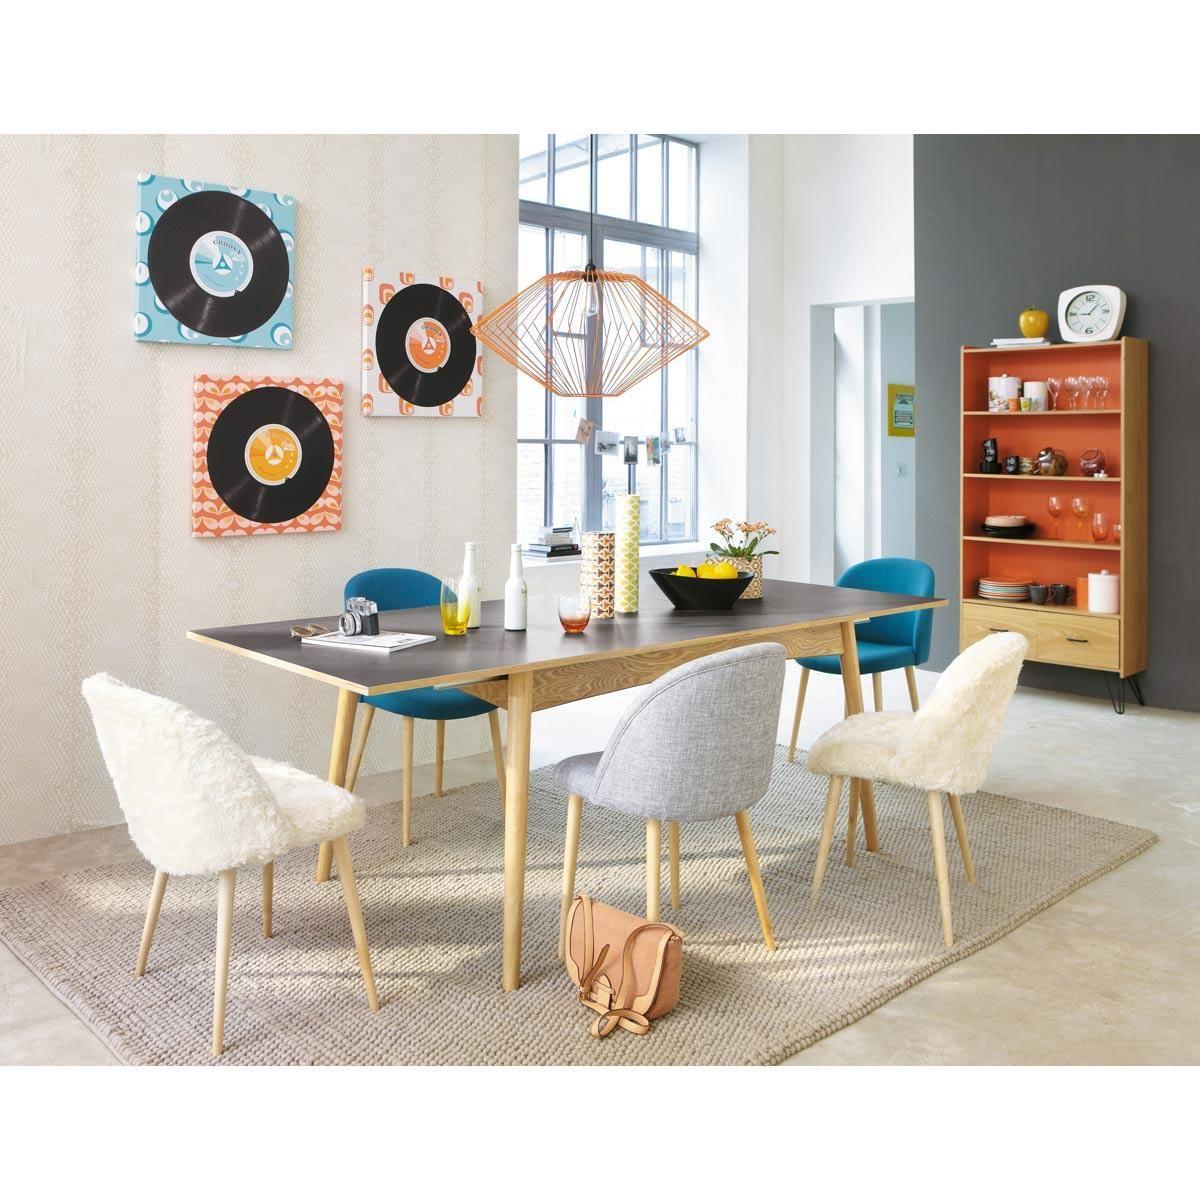 Table rectangulaire en bois clair chaises scandinaves et suspension - Table Rectangulaire Rallonge Gris Anthracite Boop